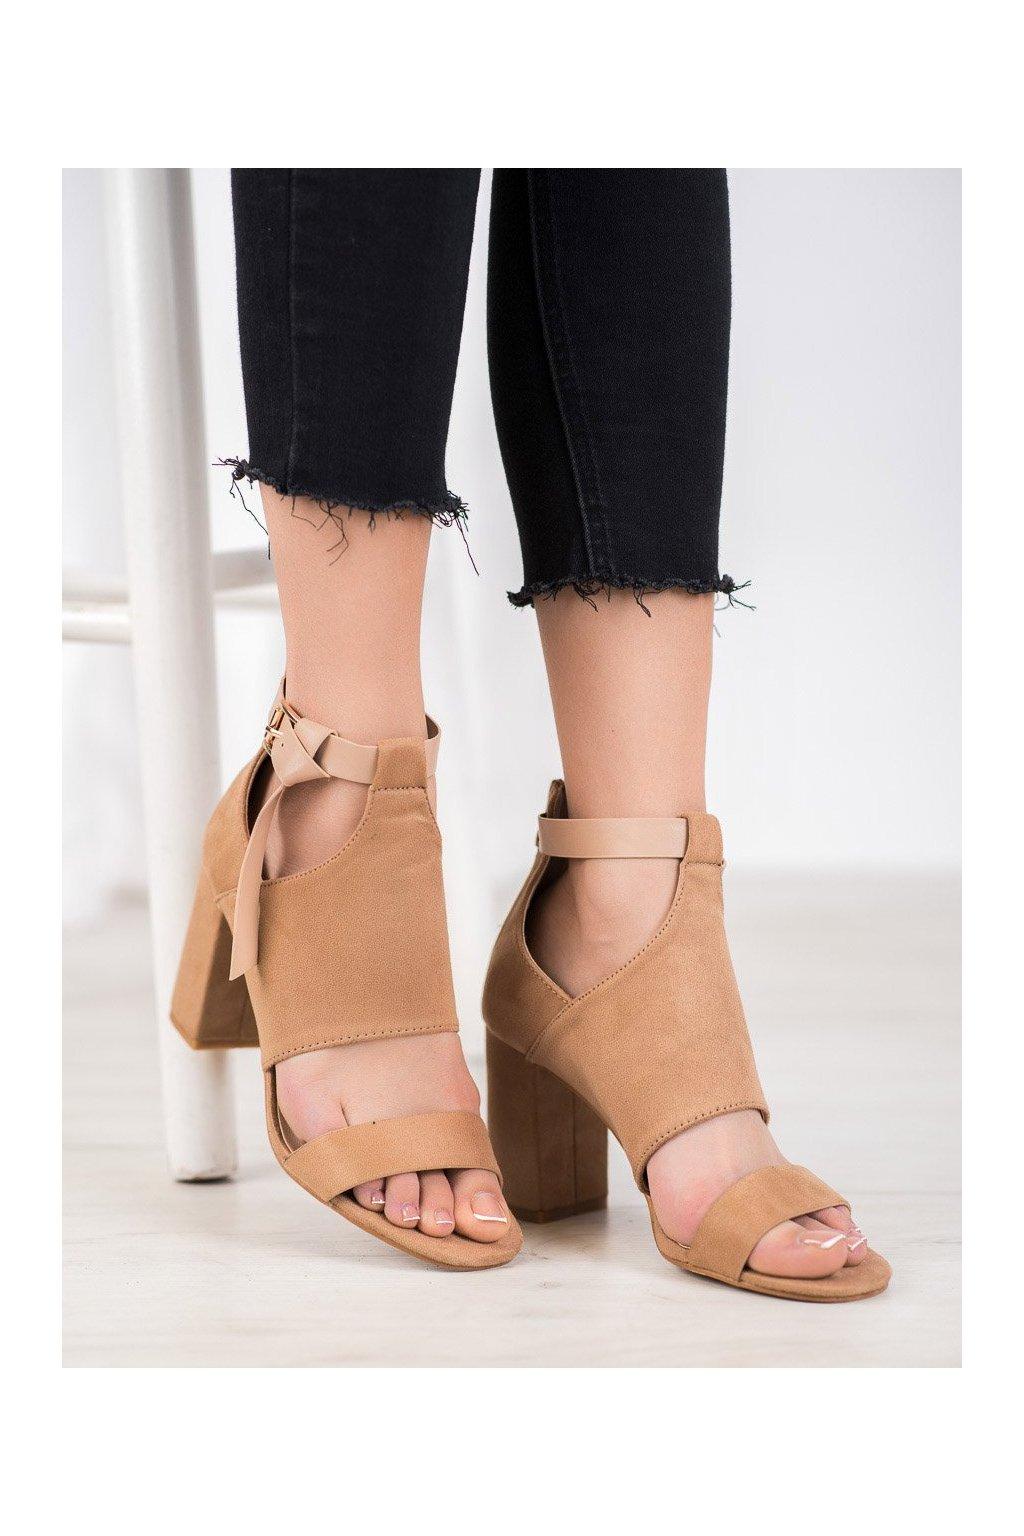 Hnedé sandále na podpätku Vinceza kod YQE20-17054BE